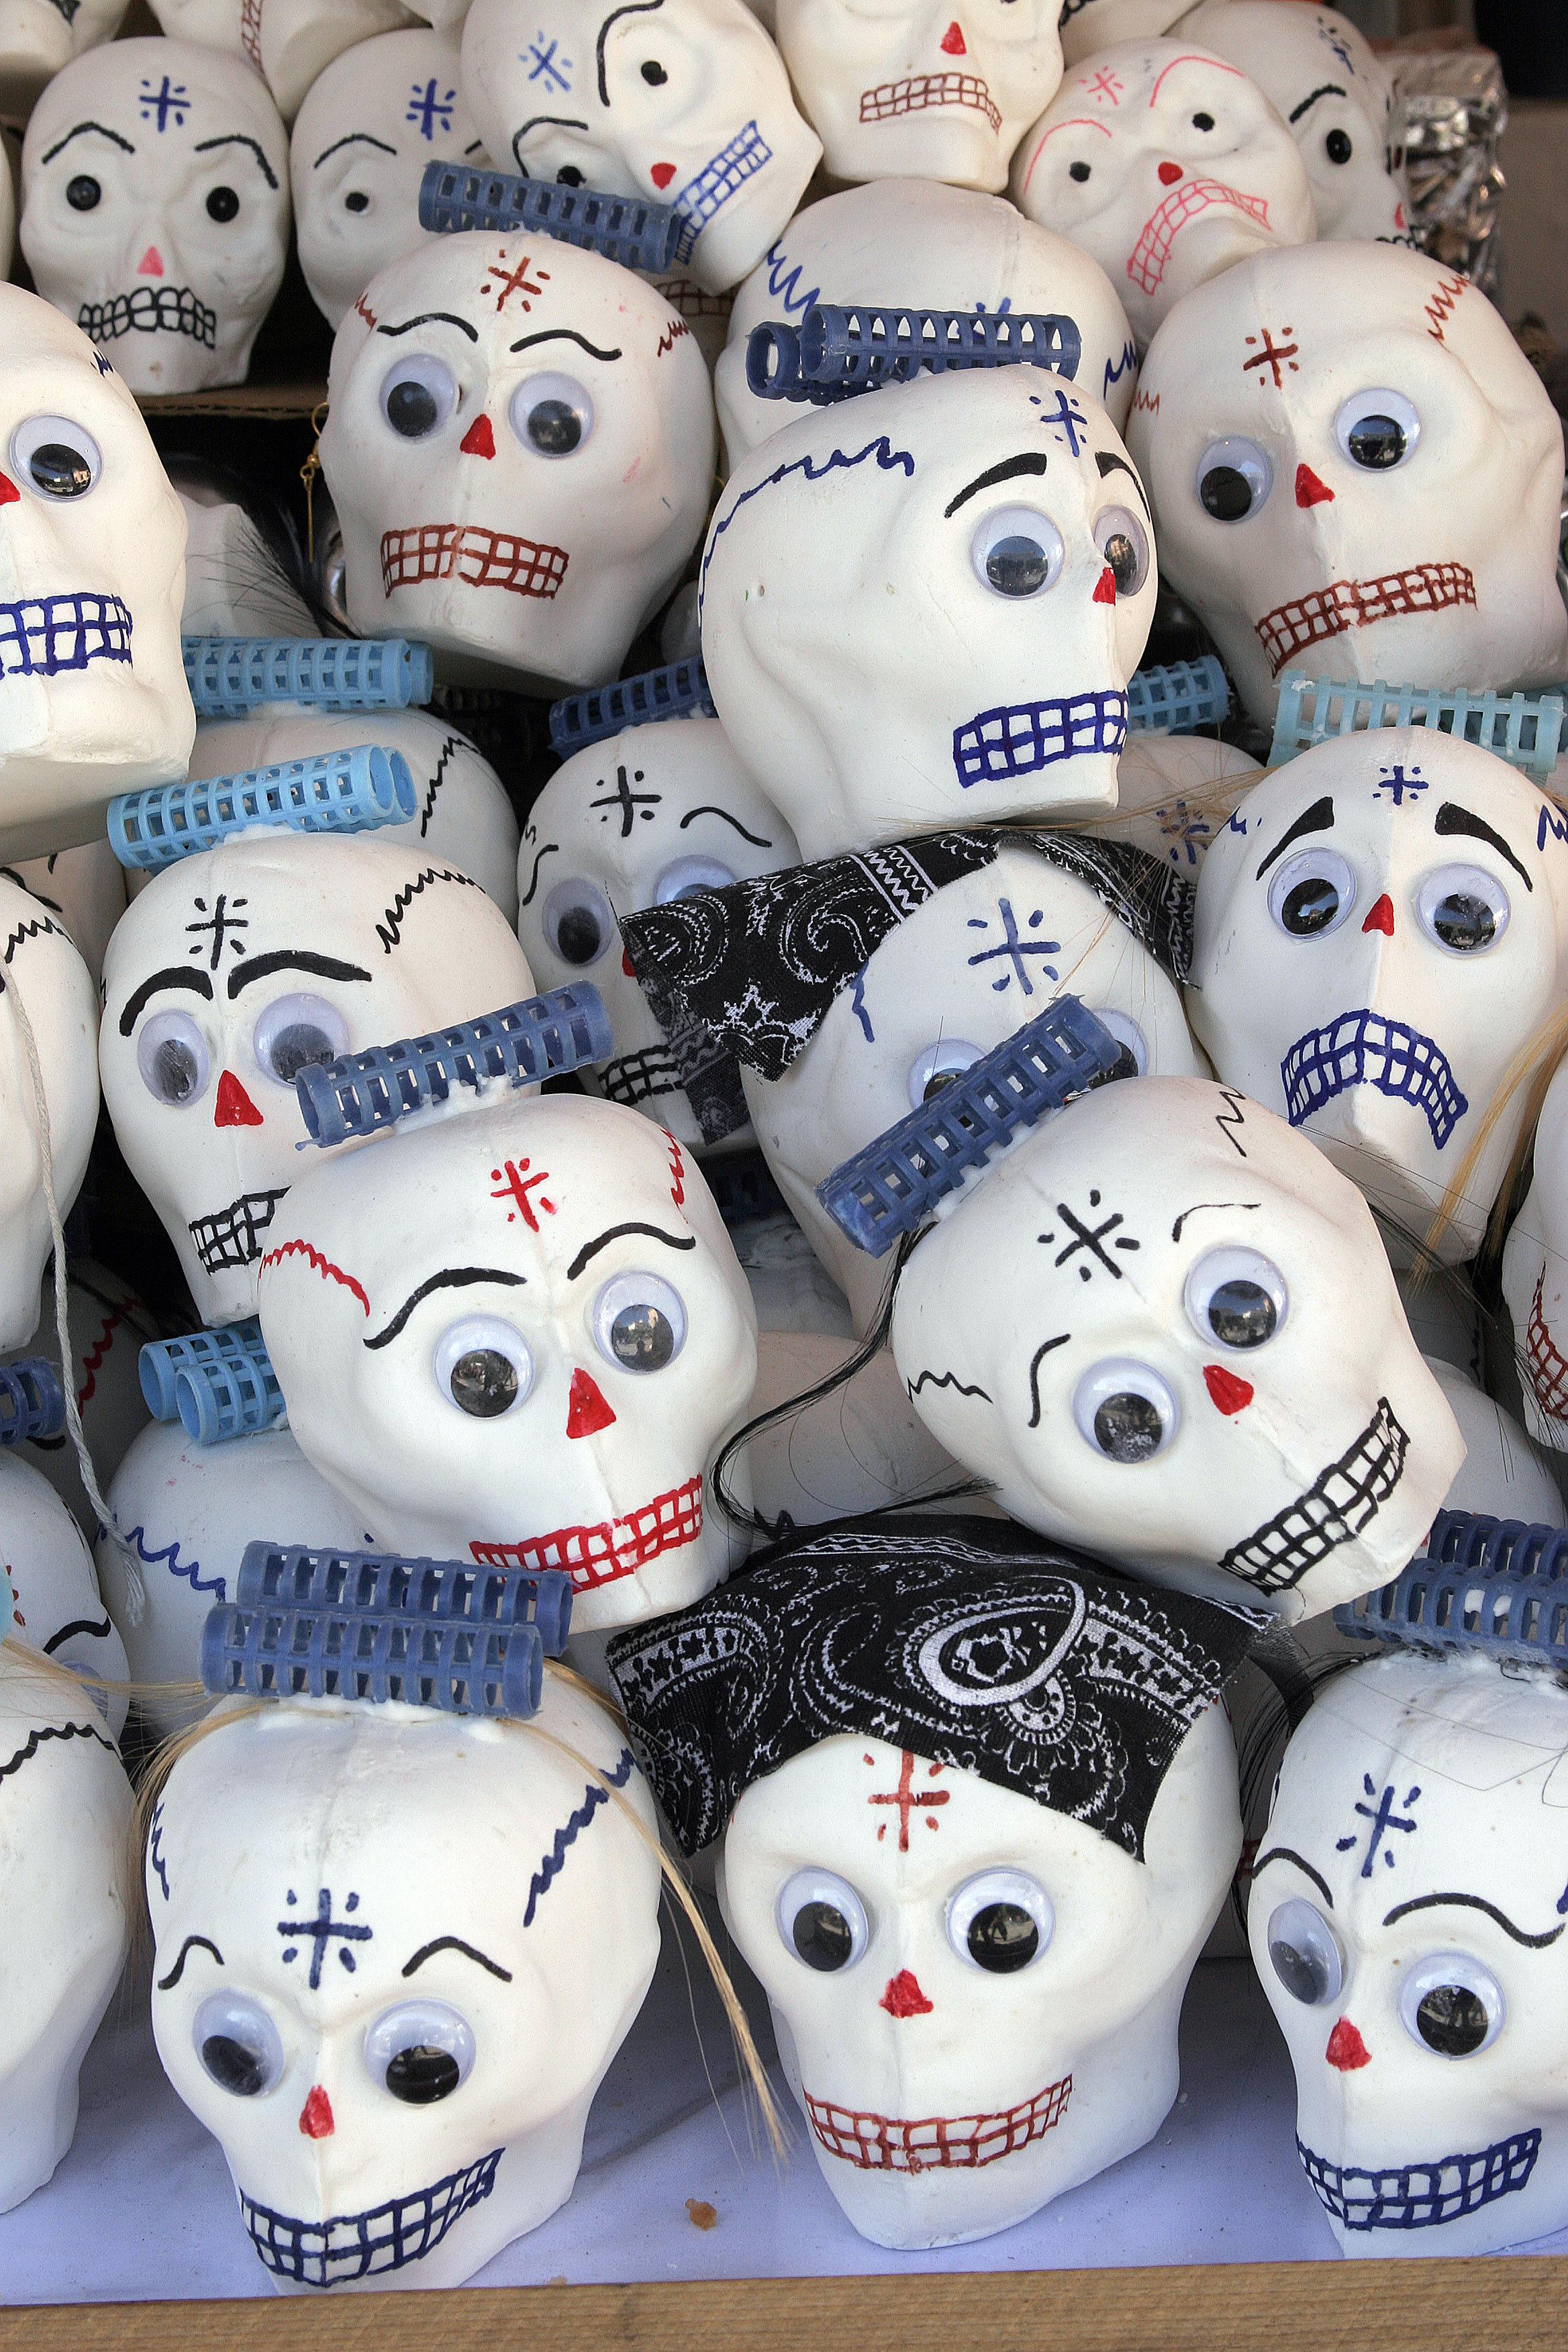 Sugar Skull Wikipedia Sugar Skulls For Day of The